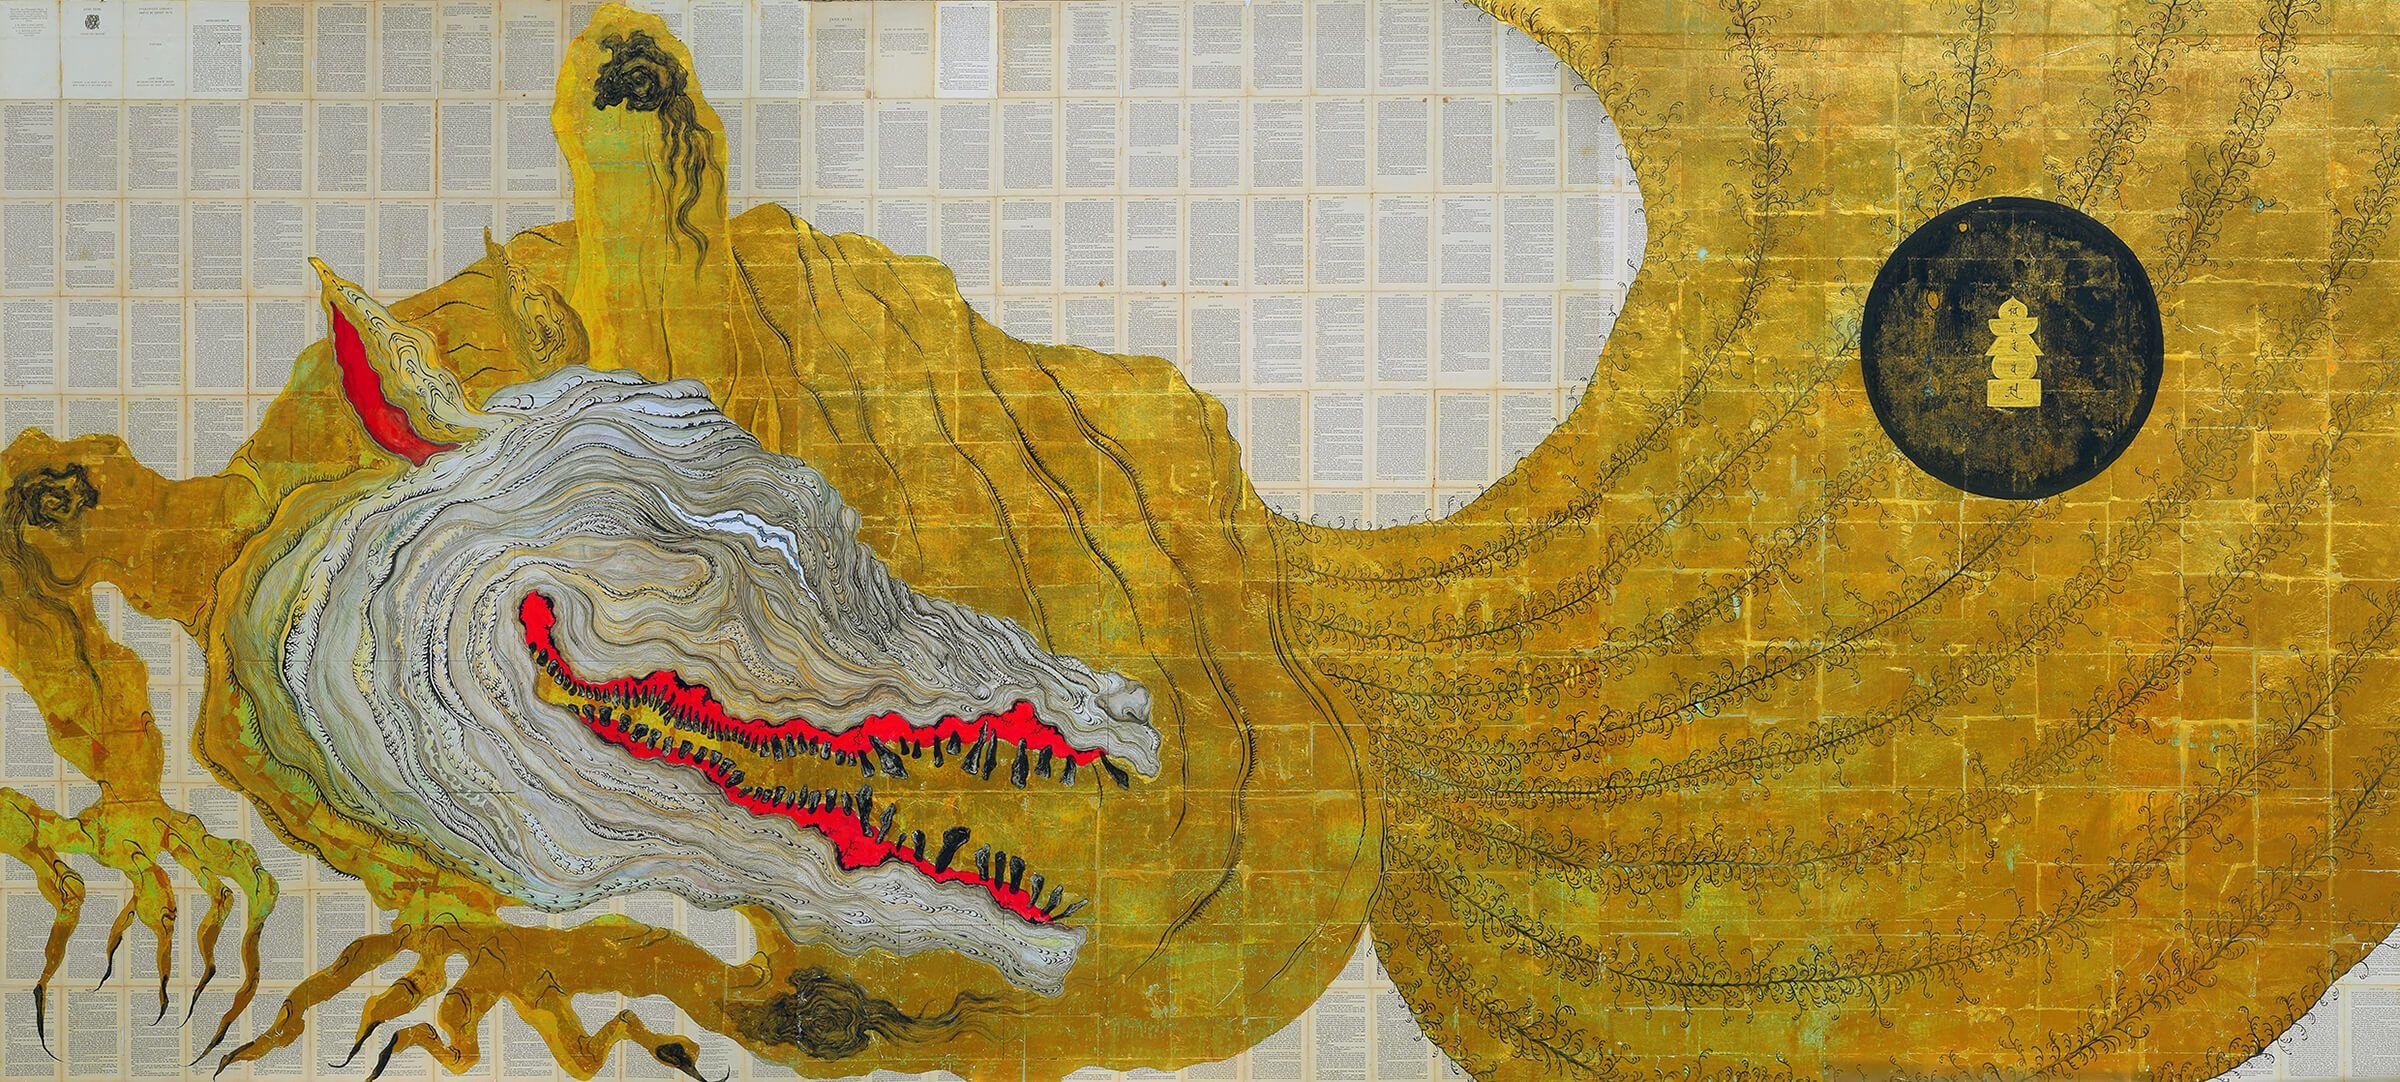 01 妖怪の絵に 救われた 妖怪 精霊 神様を描く金子富之さん ほぼ日刊イトイ新聞 日本刺繍 バブルアート 日本美術